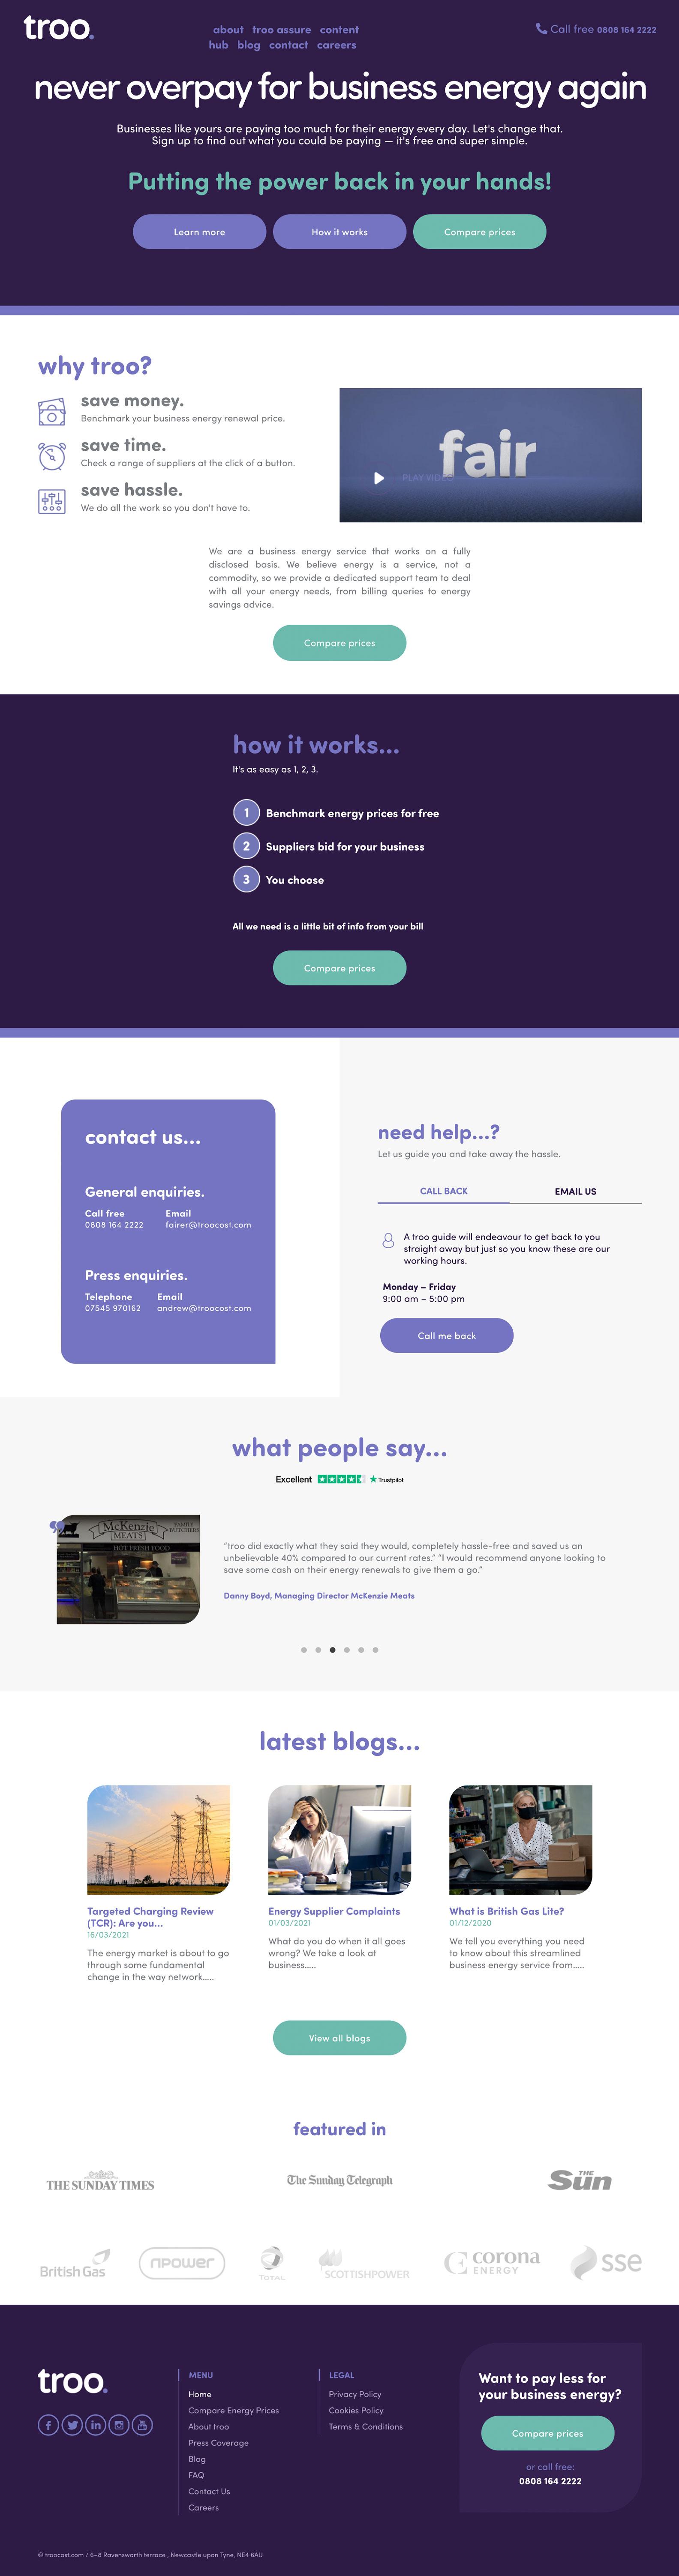 Desktop view of Troo website